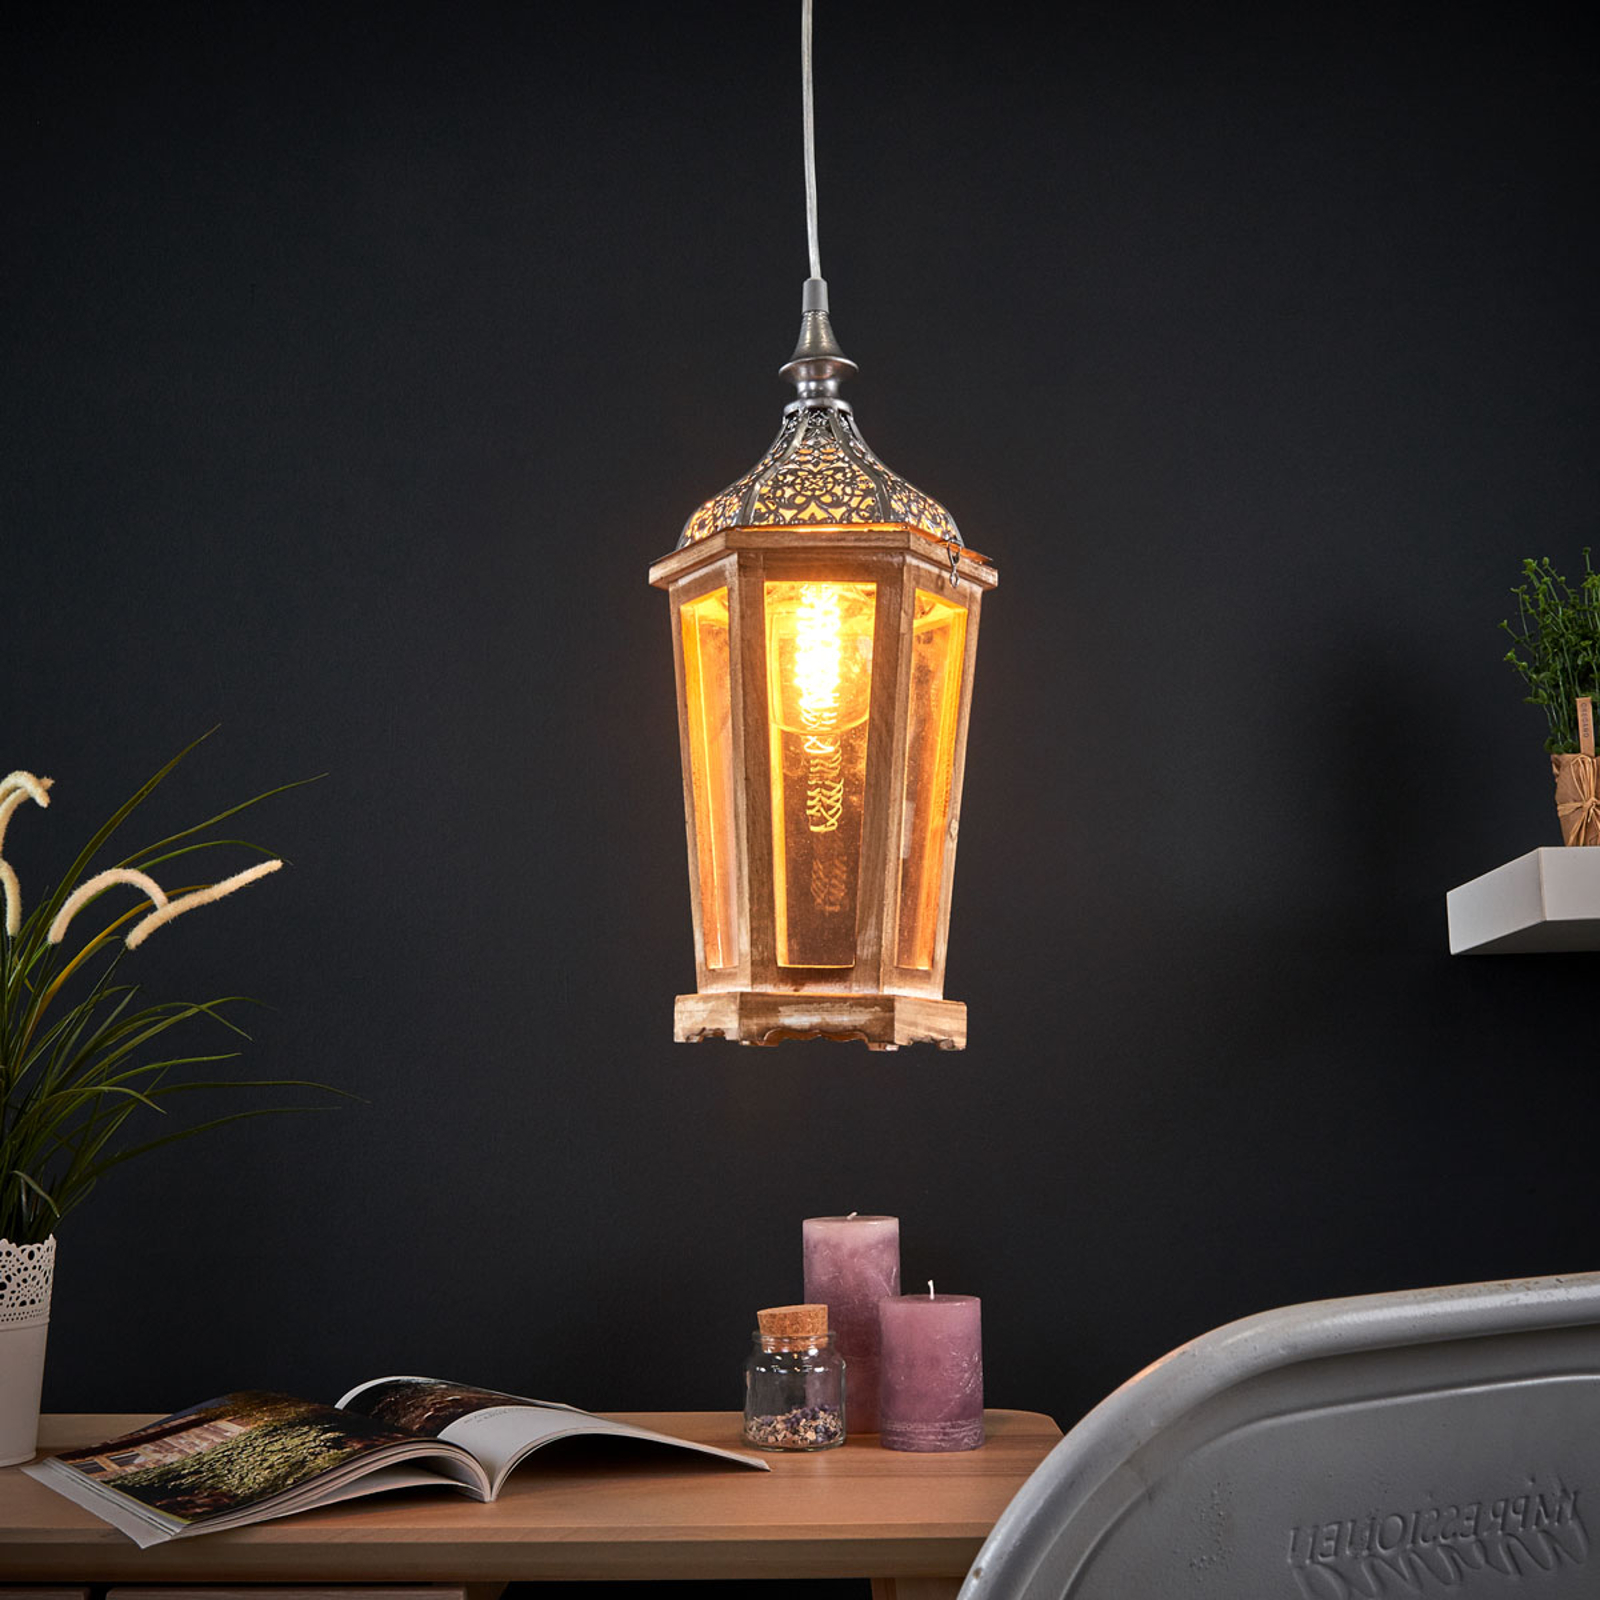 Drevená závesná lampa Margrit_3031677_1